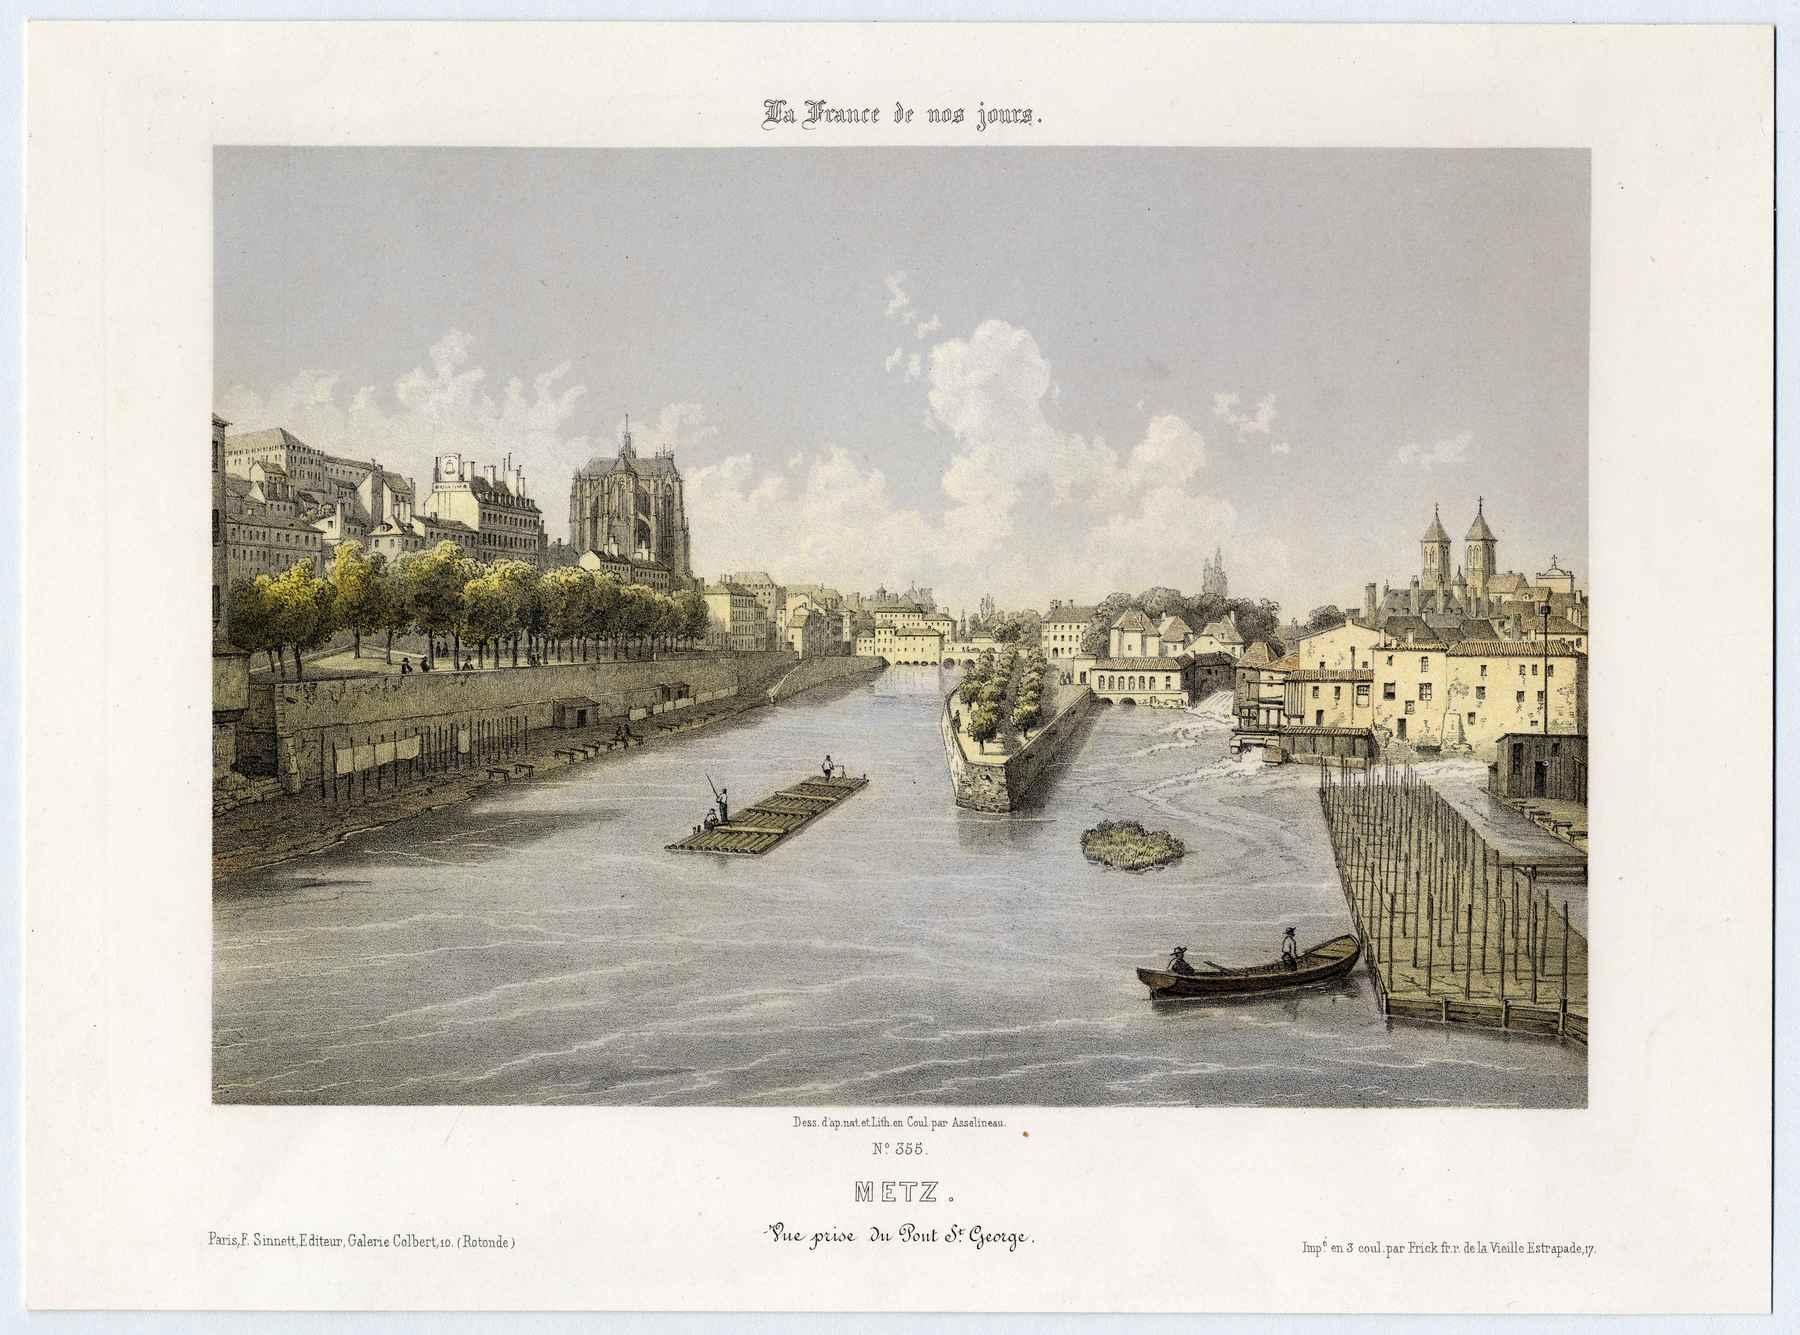 Contenu du La France de nos jours: Metz : vue prise du pont Saint-Georges